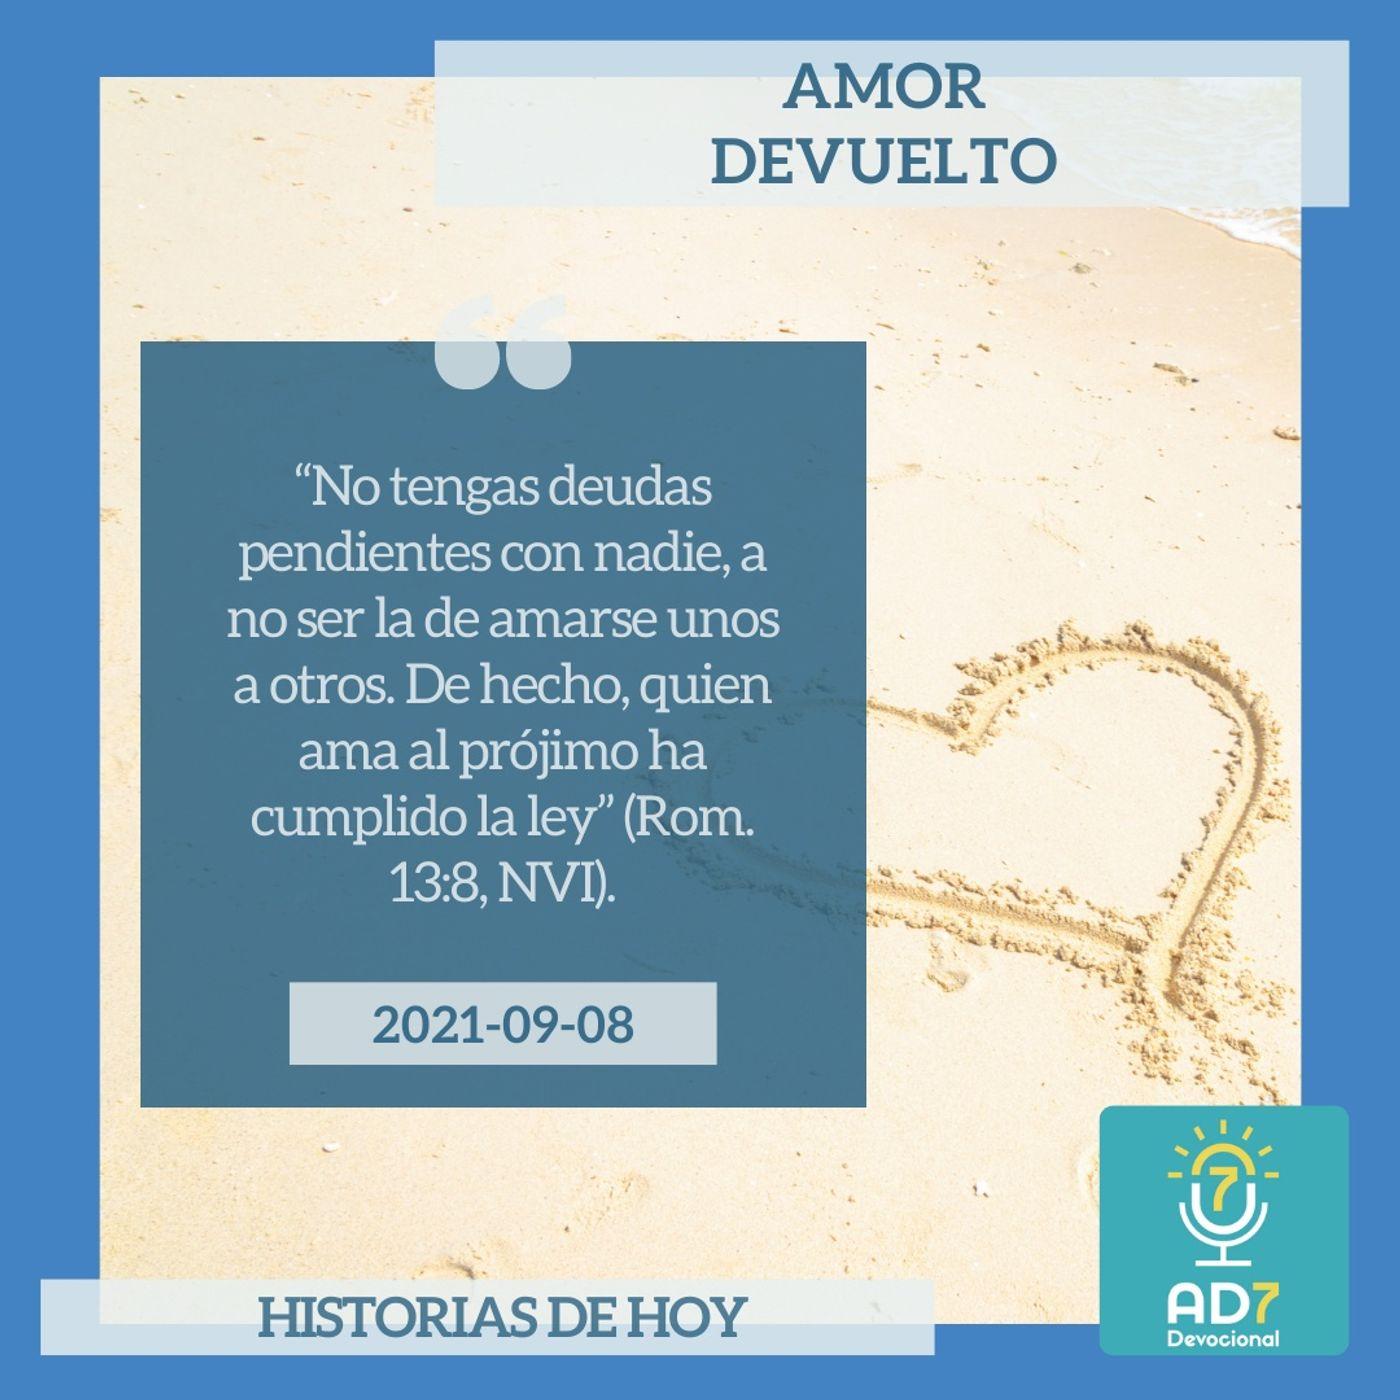 8 de septiembre - Amor devuelto - Devocional de Jóvenes - Etiquetas Para Reflexionar